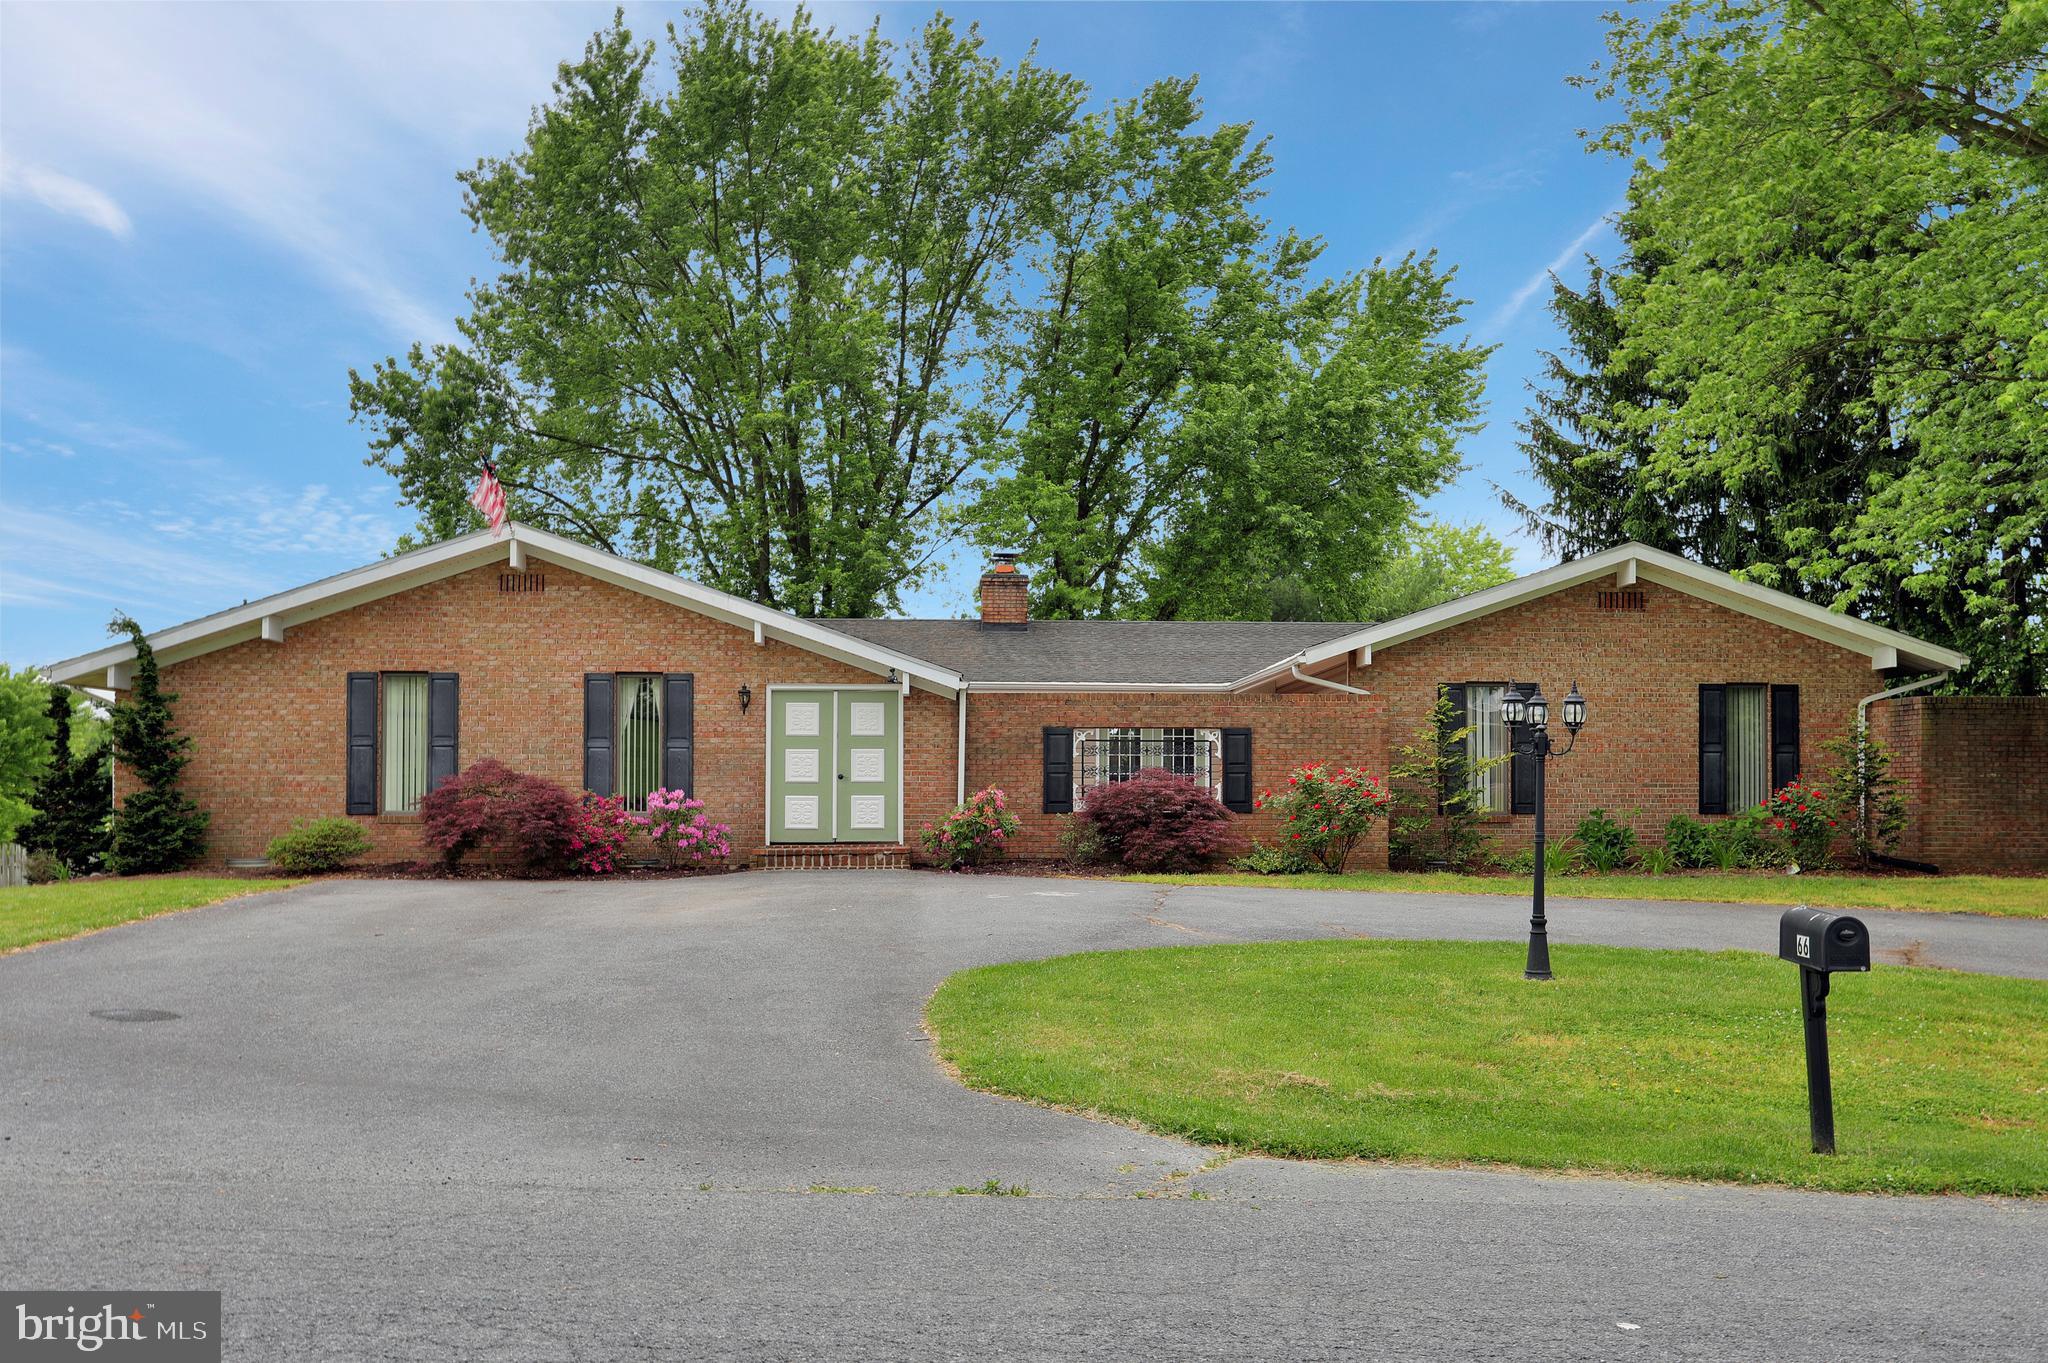 66 Twin Lakes Cir, Martinsburg, WV 25405